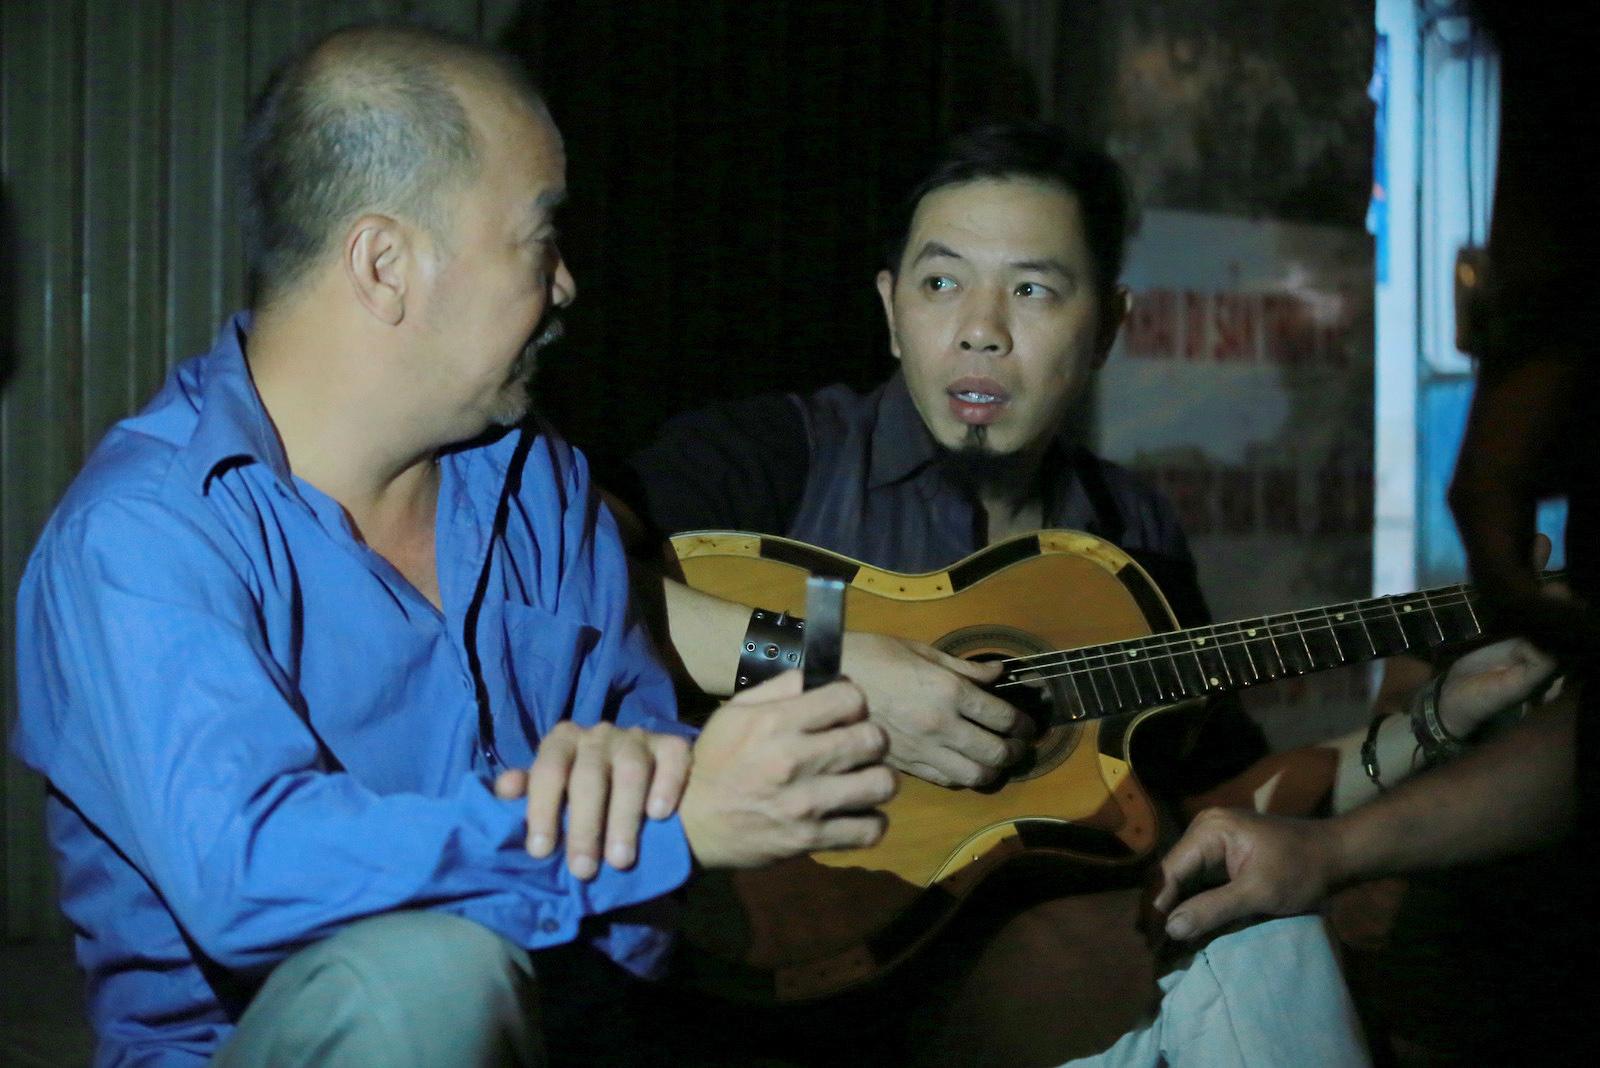 Đạo diễn Charlie Nguyễn khoe clip hát rock của danh hài Hoàng Sơn - Ảnh 1